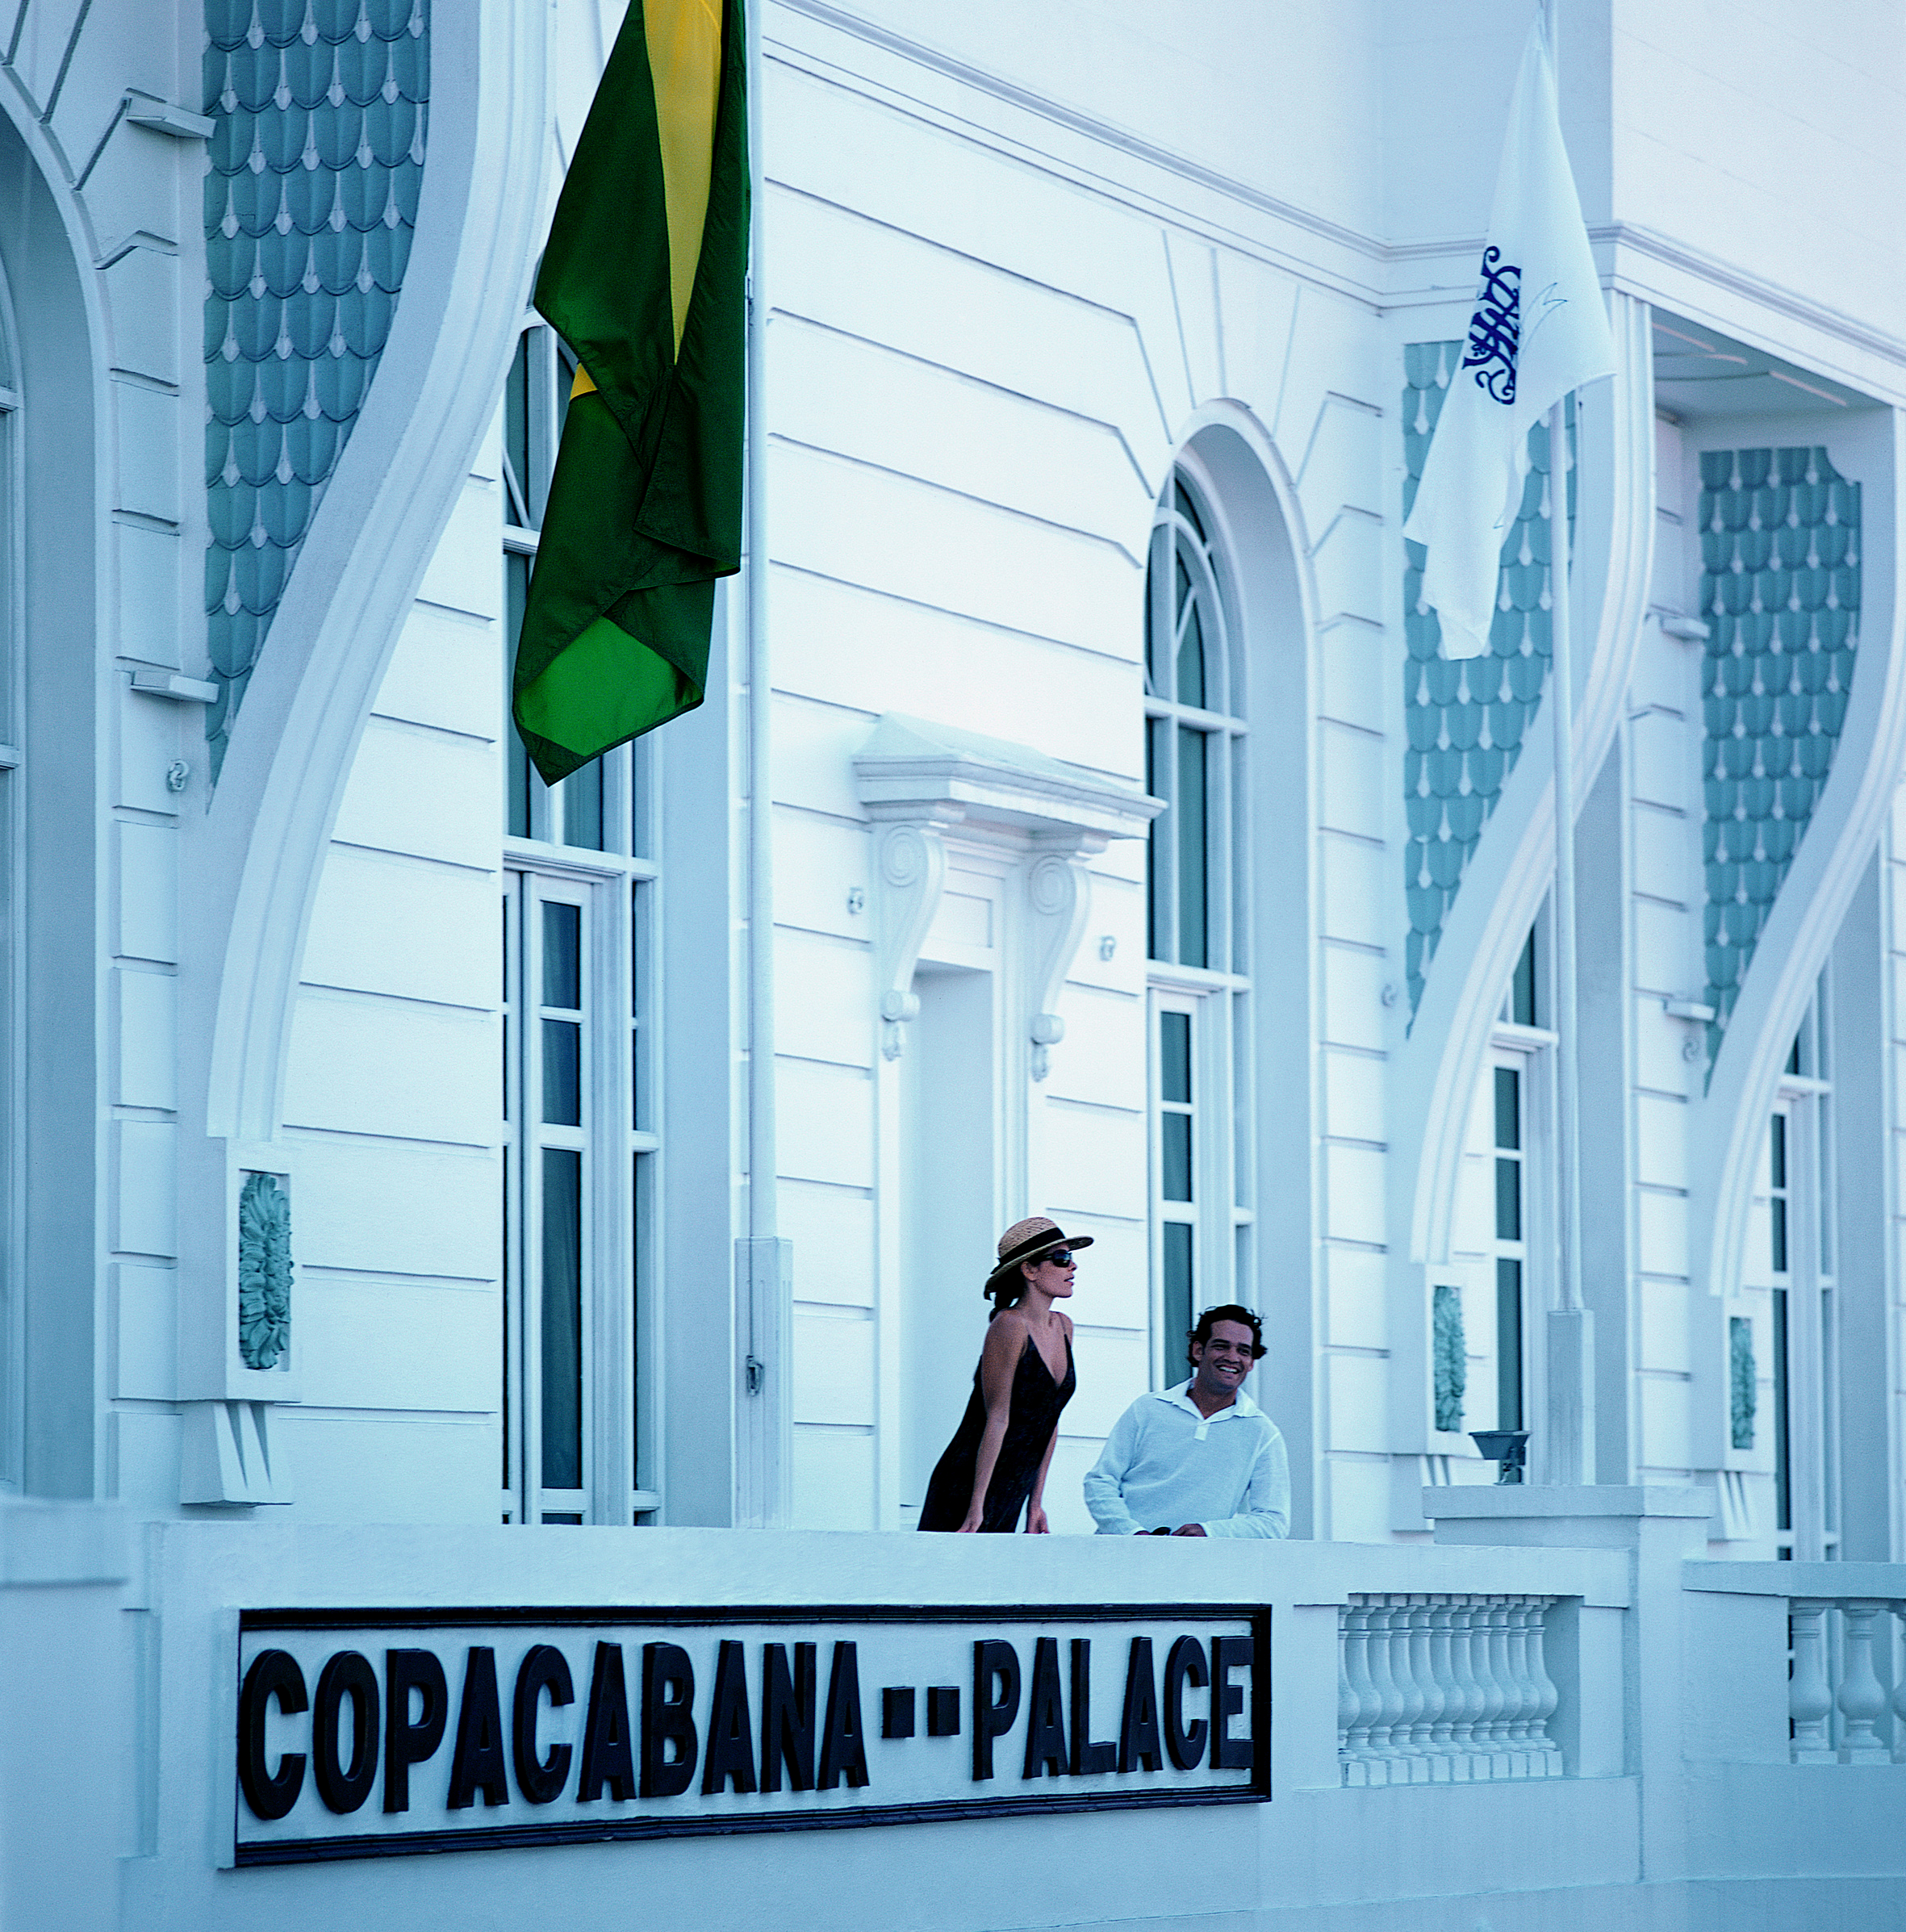 COPACABANA-EXT-08.jpg